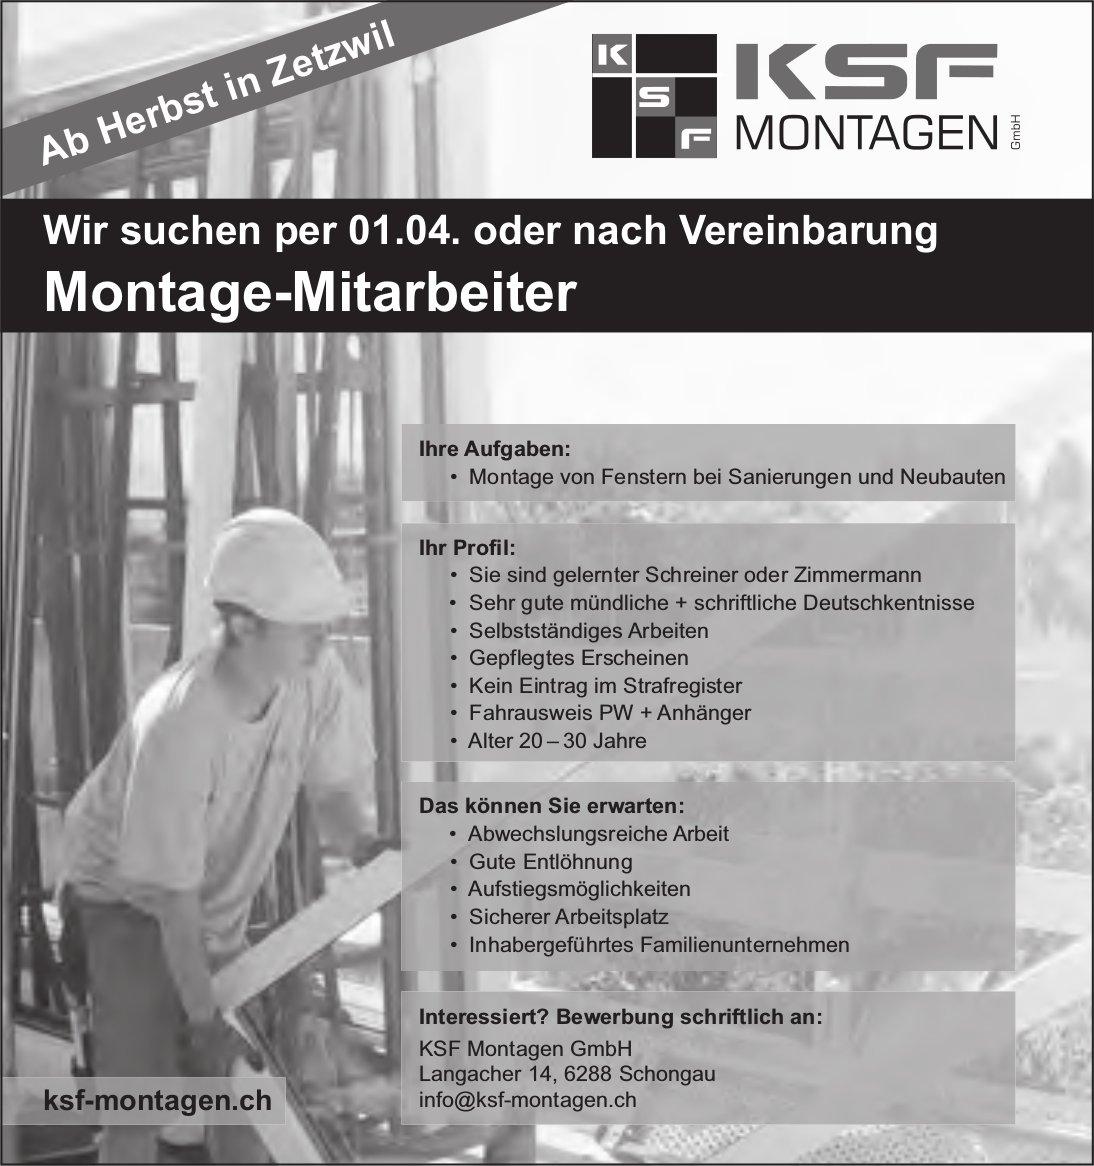 Montage-Mitarbeiter, KSF Montagen GmbH, Schongau, gesucht